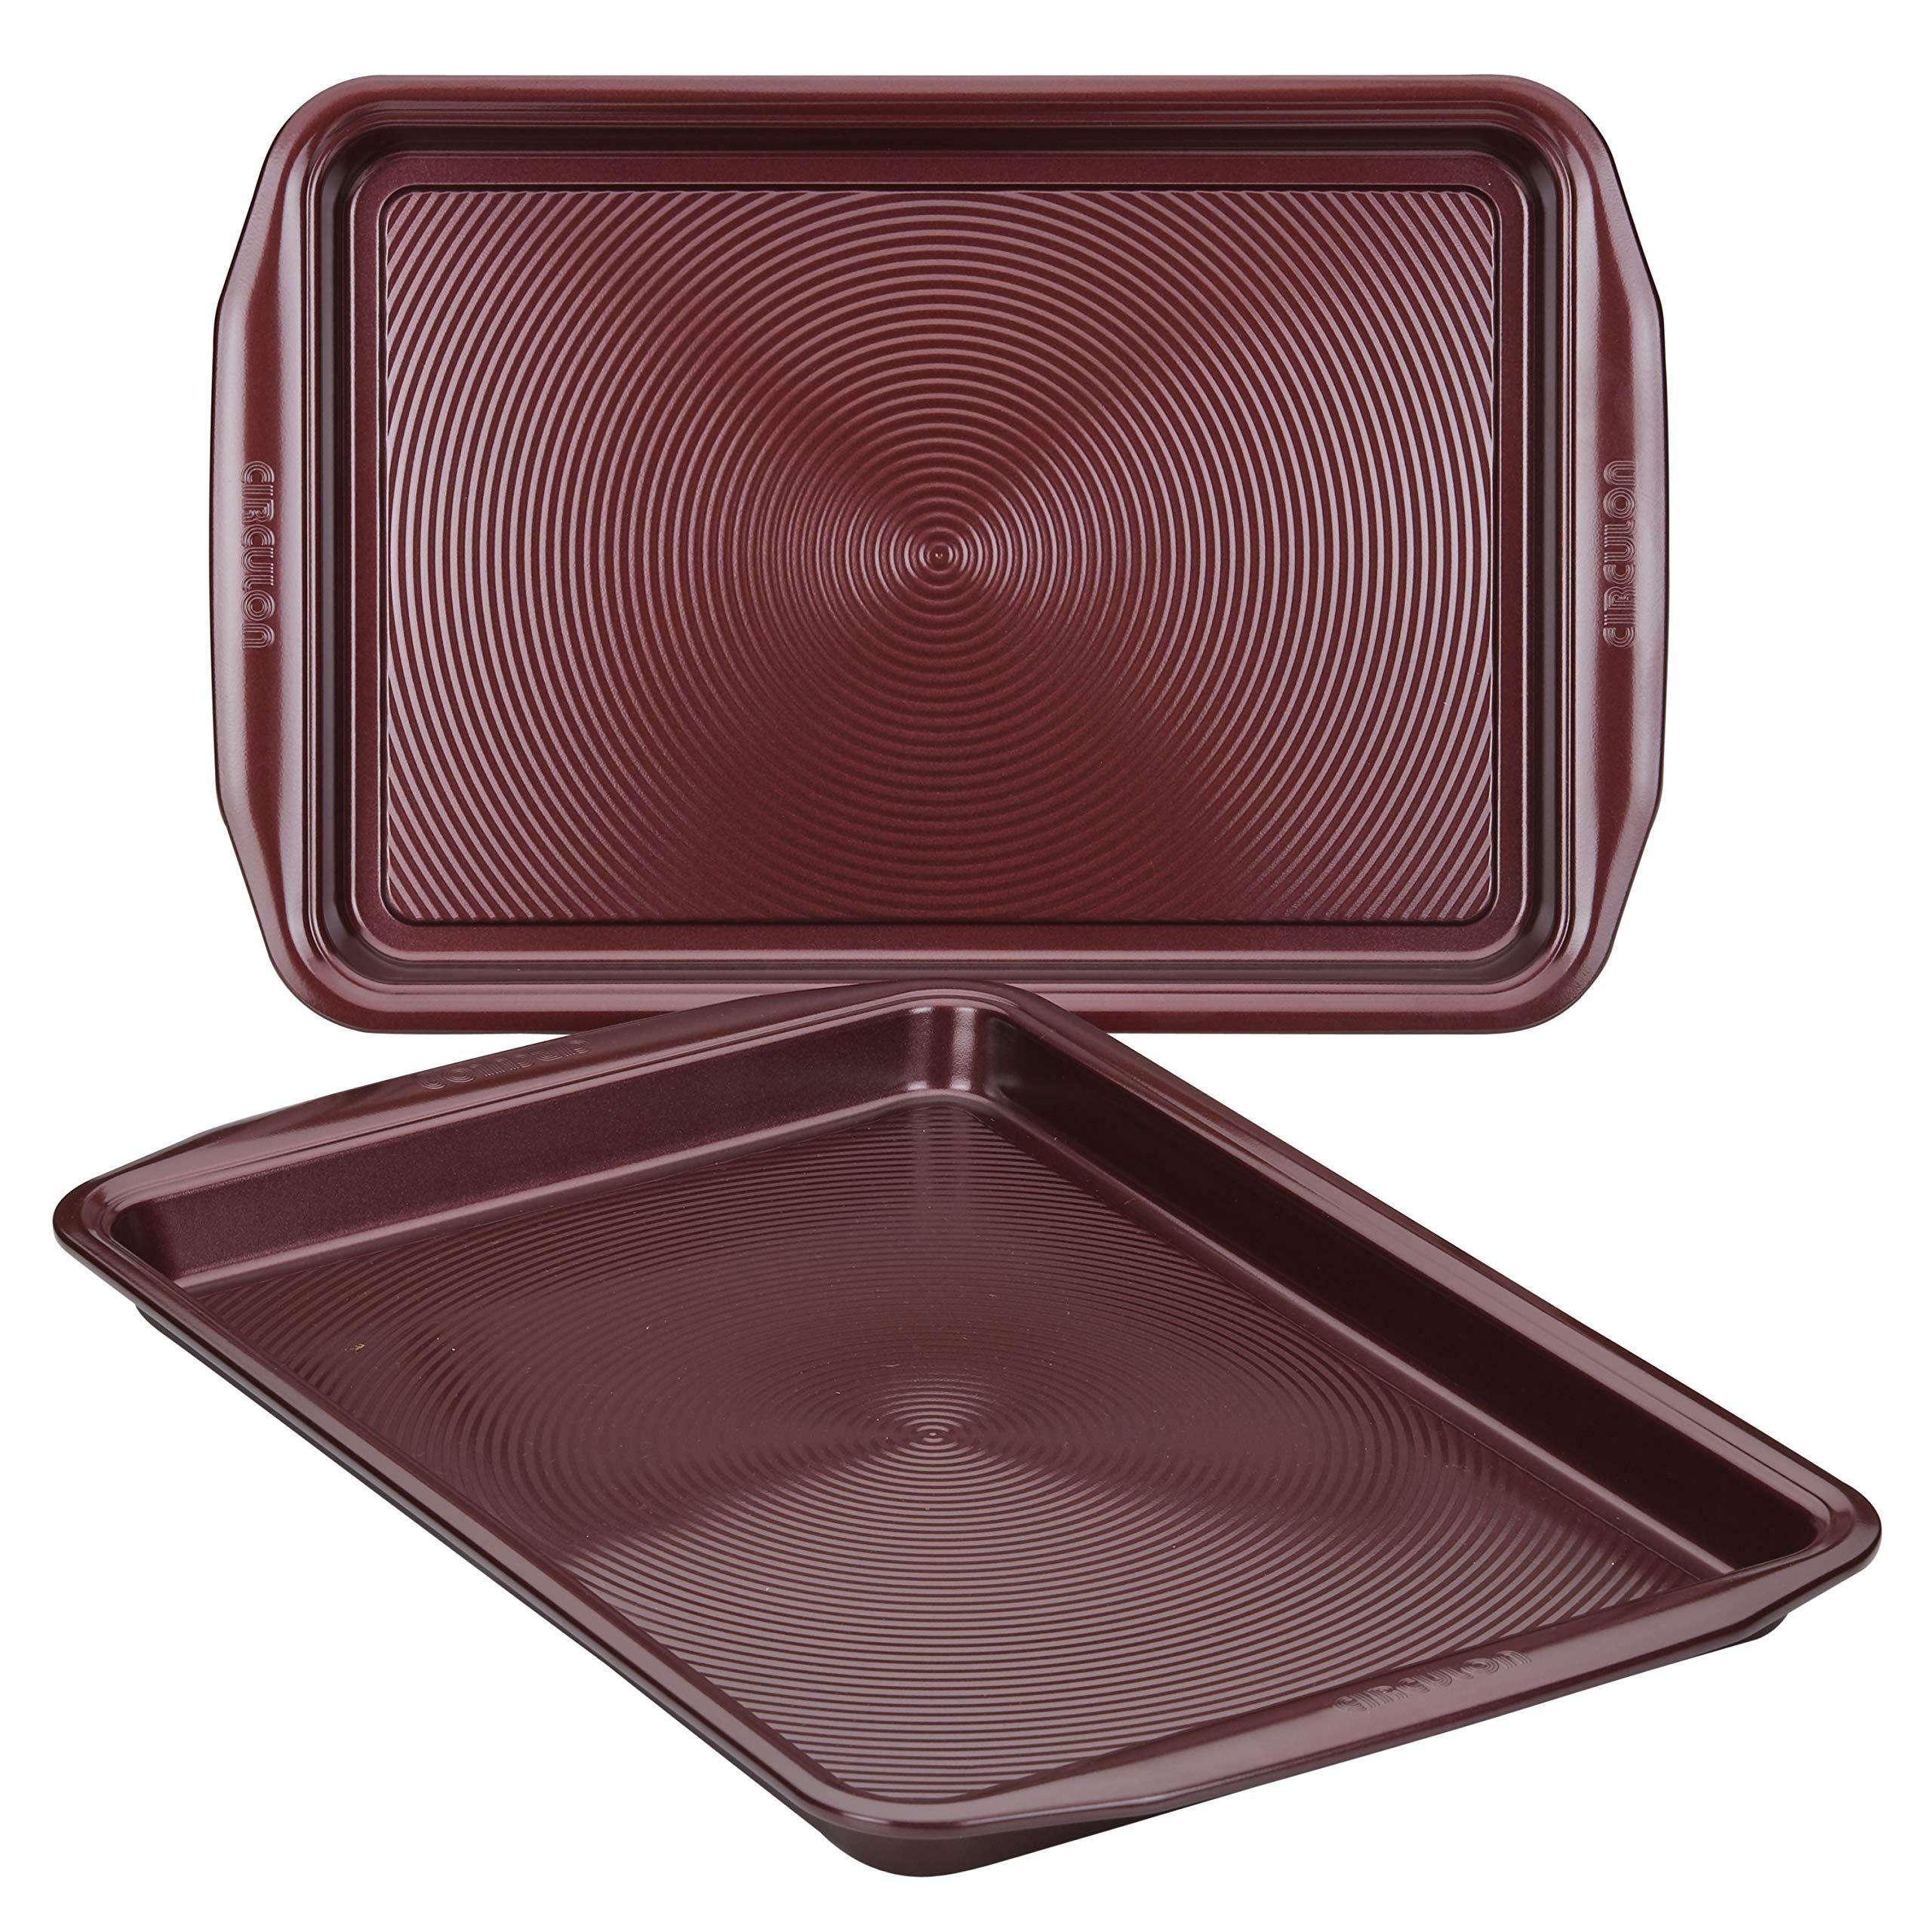 Circulon 47738 2-Piece Bakeware Steel Baking Sheet Set, Merlot by Circulon (Image #3)